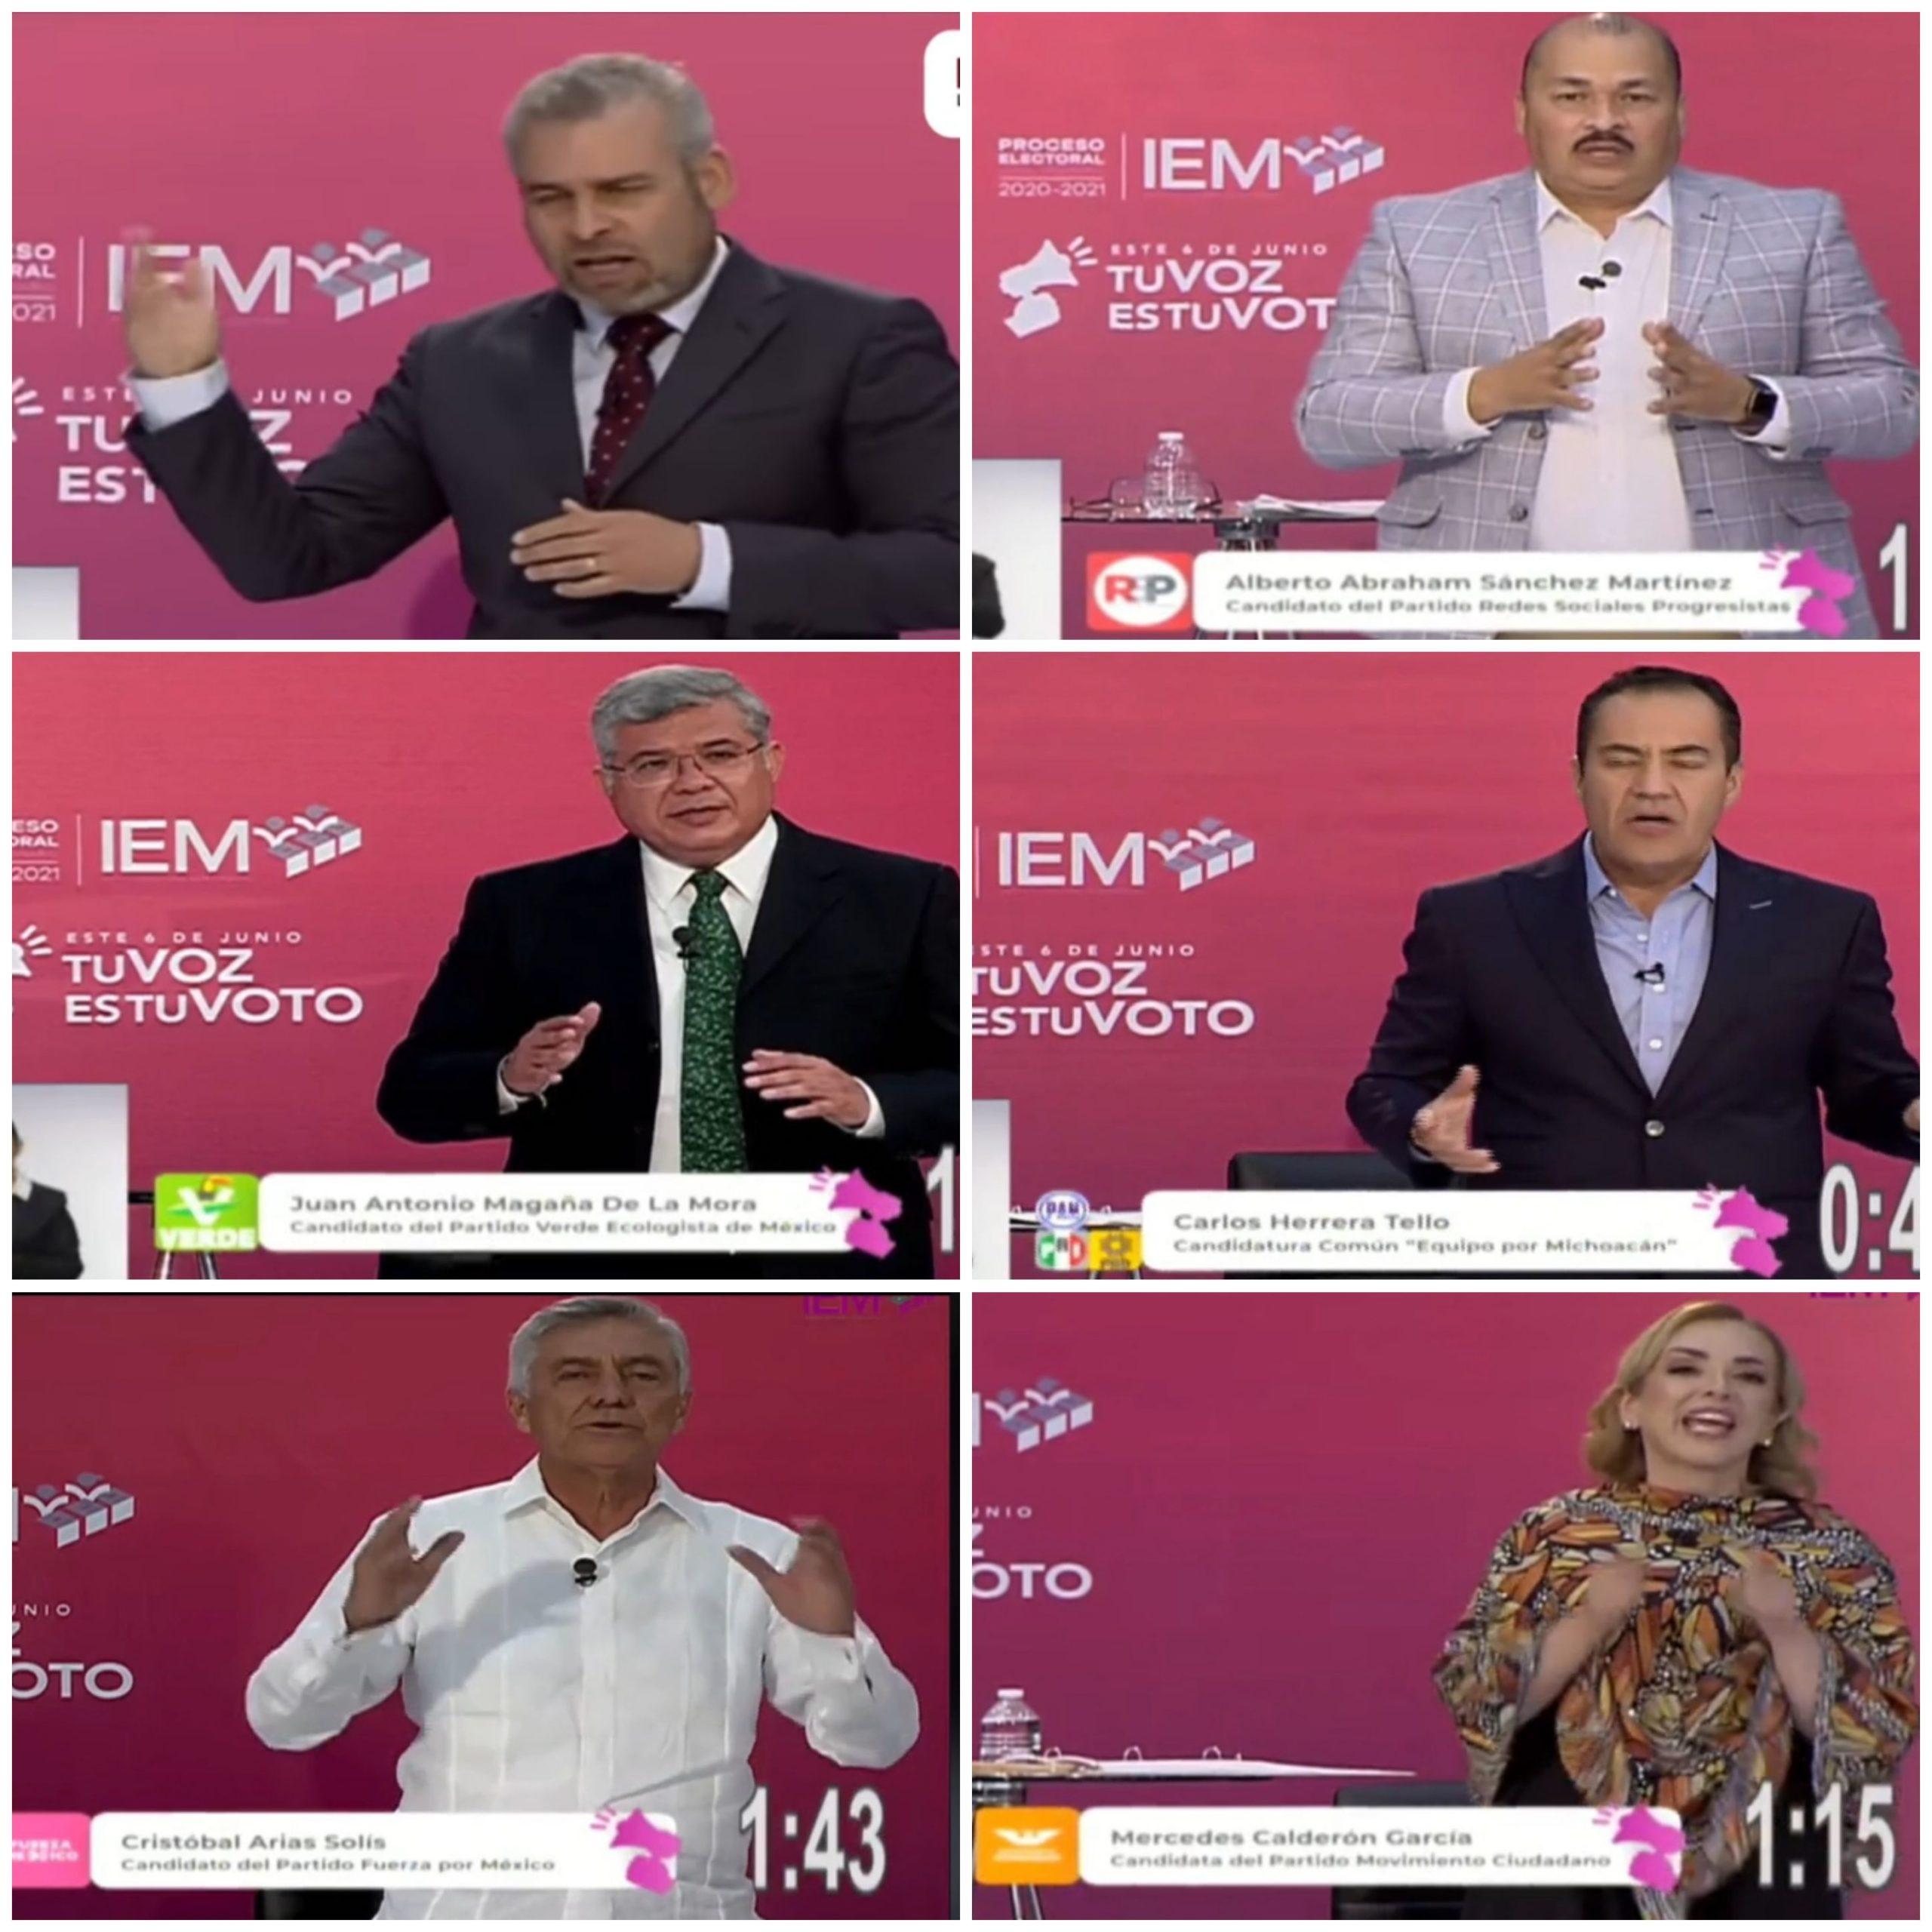 ALFREDO RAMÍREZ BEDOLLA -AR21-, CANDIDATO A LA GUBERNATURA MICHOACANA POR LA COALICIÓN MORENA-PT, CAMPEONÓ EN EL DEBATE ORGANIZADO POR EL INSTITUTO ELECTORAL DE MICHOACÁN -IEM-.